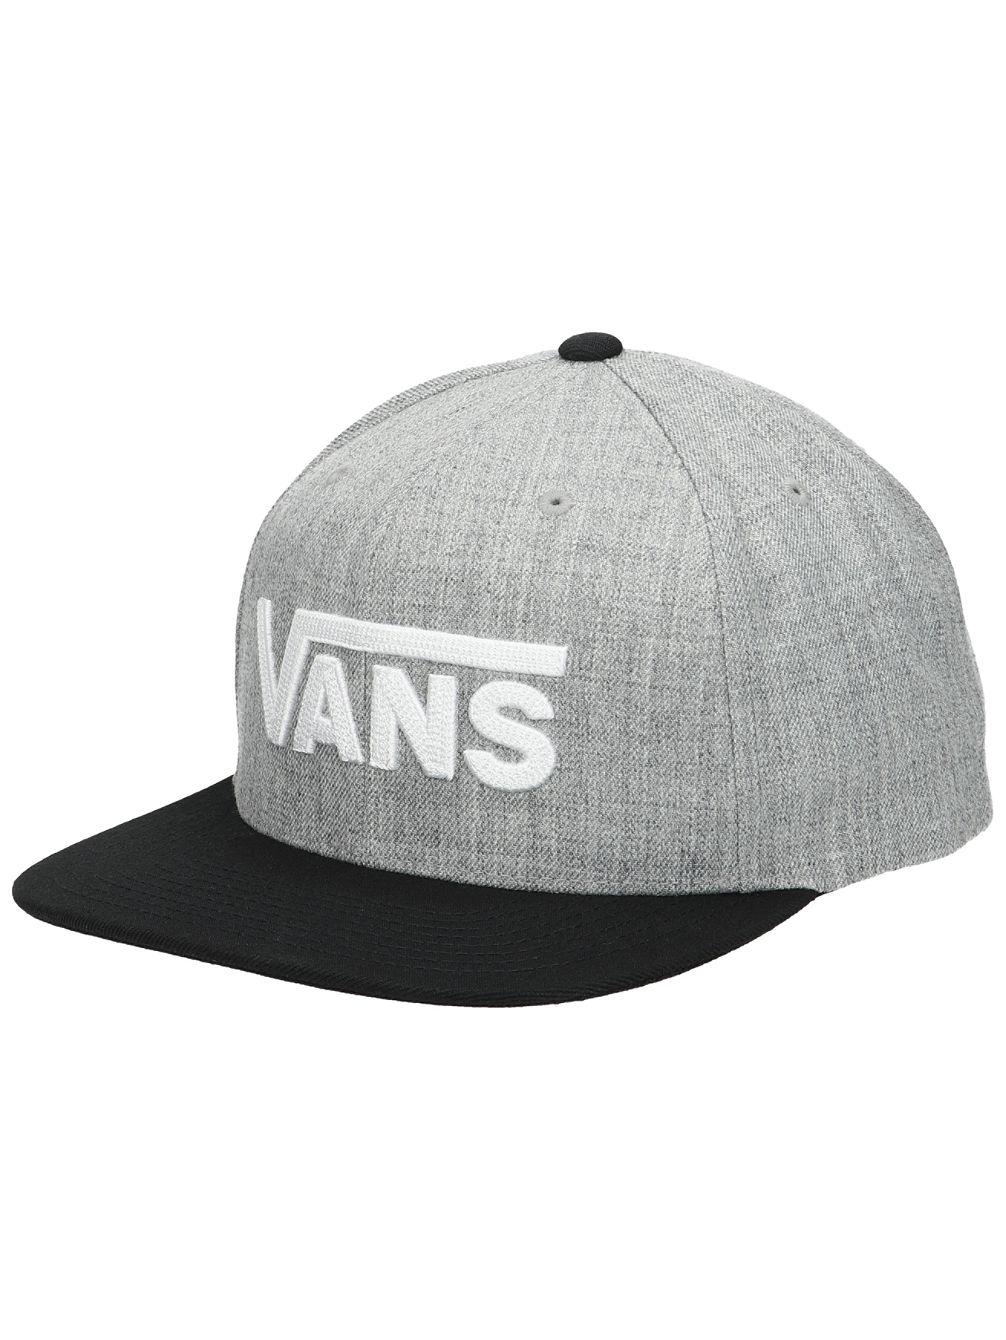 2e475930436 Buy Vans Drop V II Snapback Cap online at blue-tomato.com